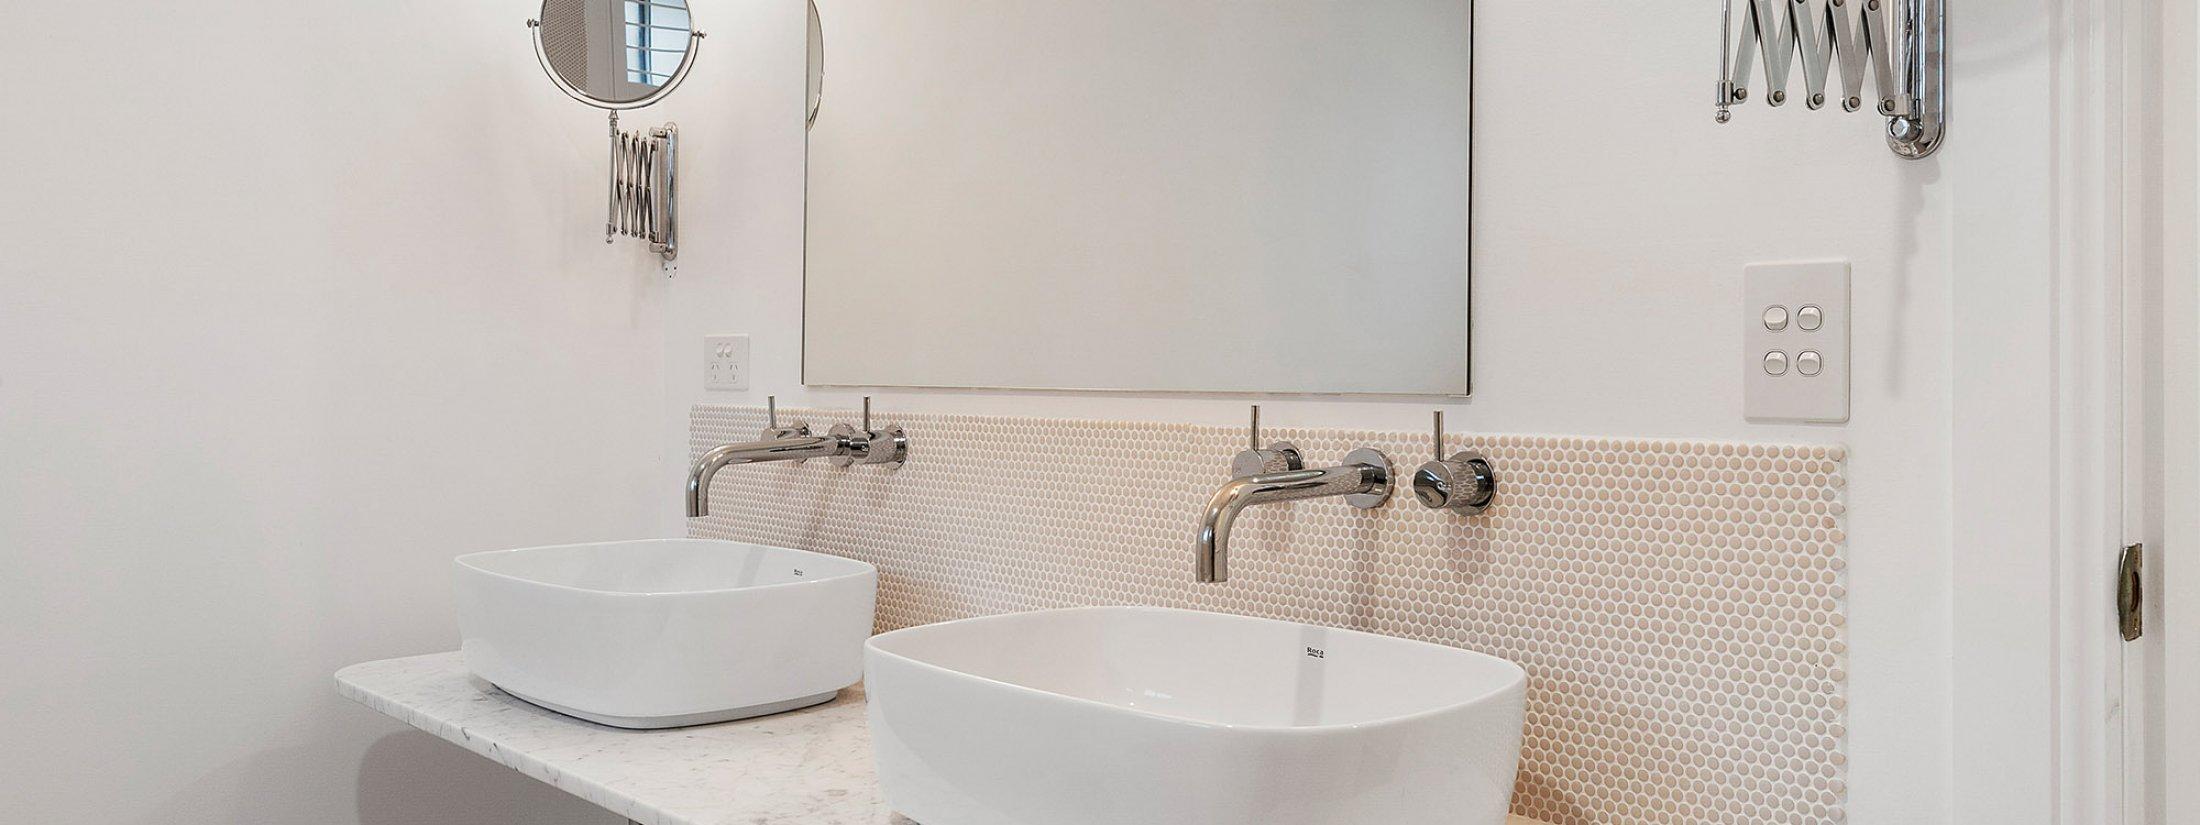 Sunset Beach - Summer Breeze - Brunswick Heads - Bathroom Vanities